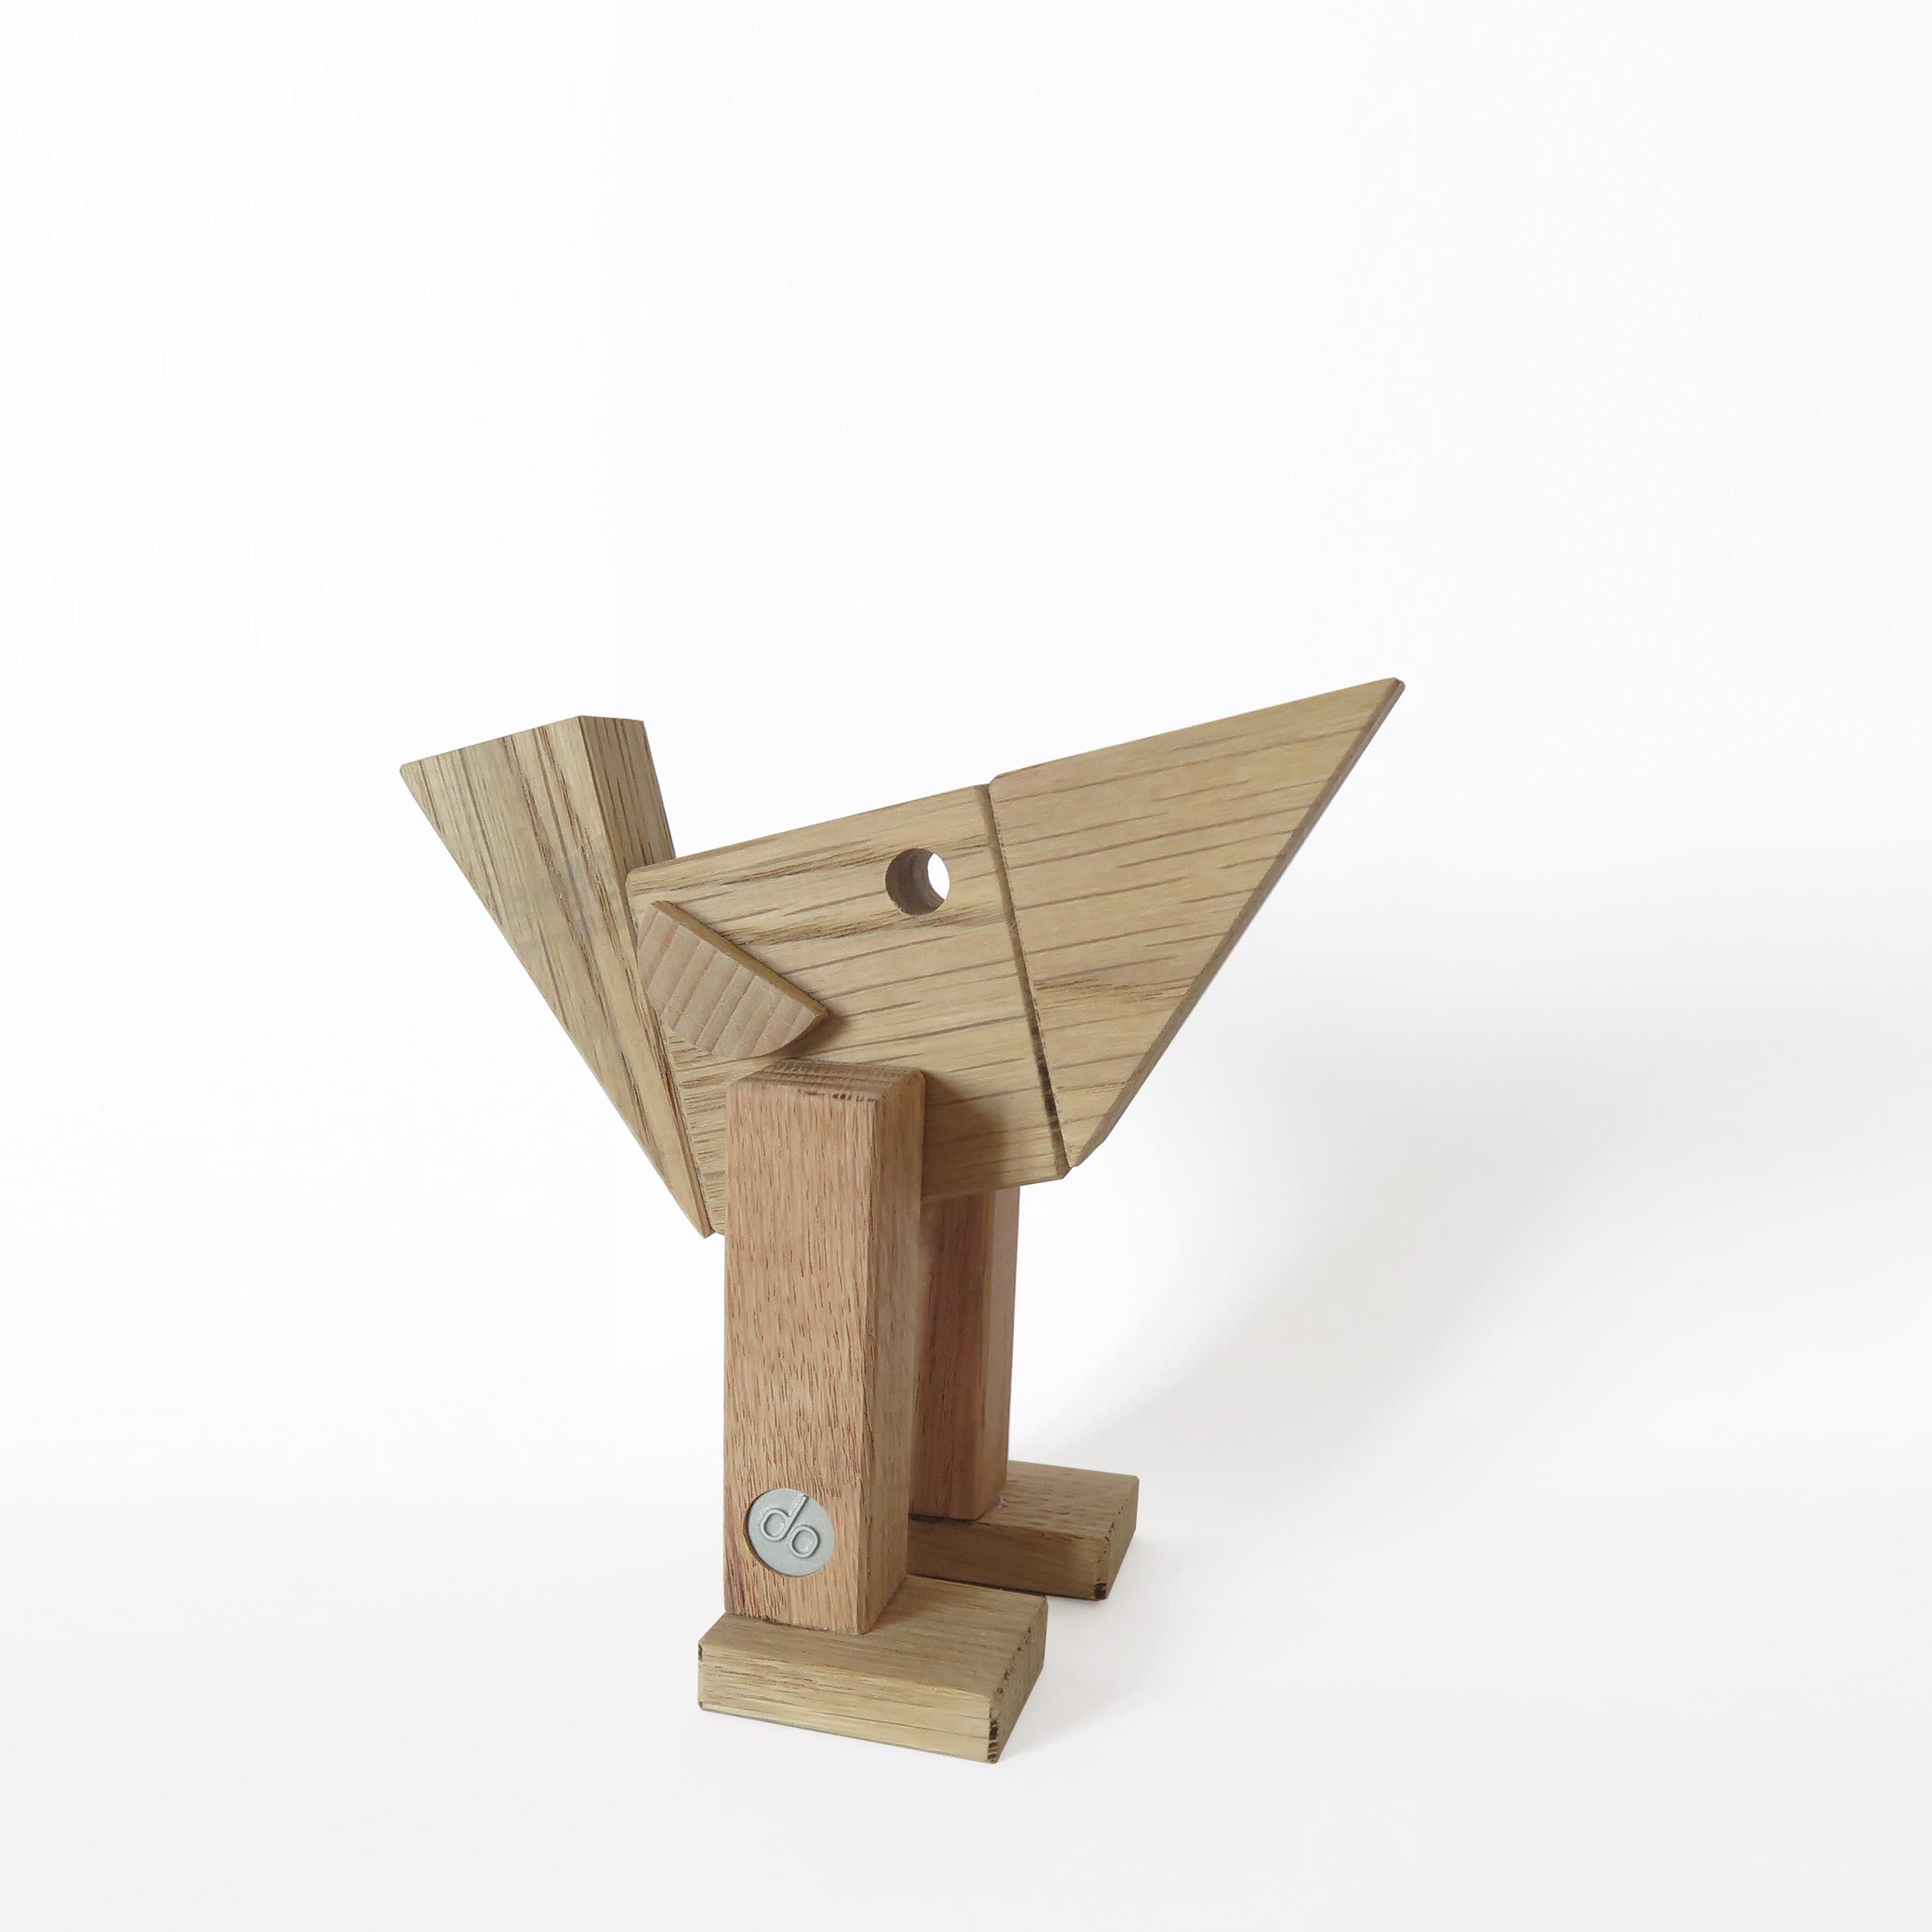 bird Wood toy design